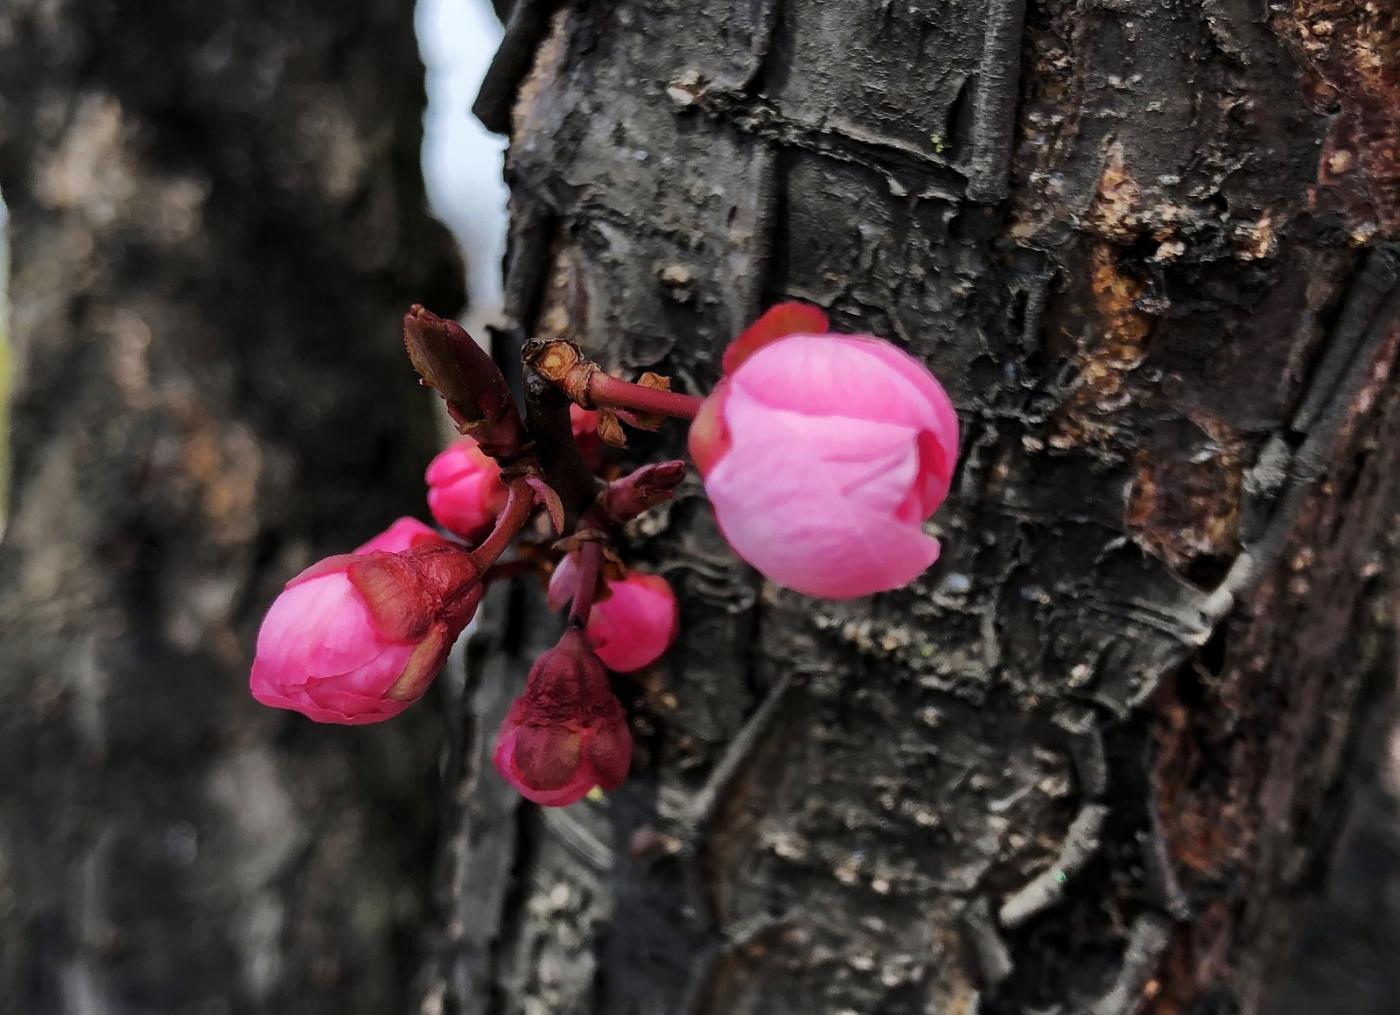 【田螺手机摄影】街口的杏花又开一年_图1-9